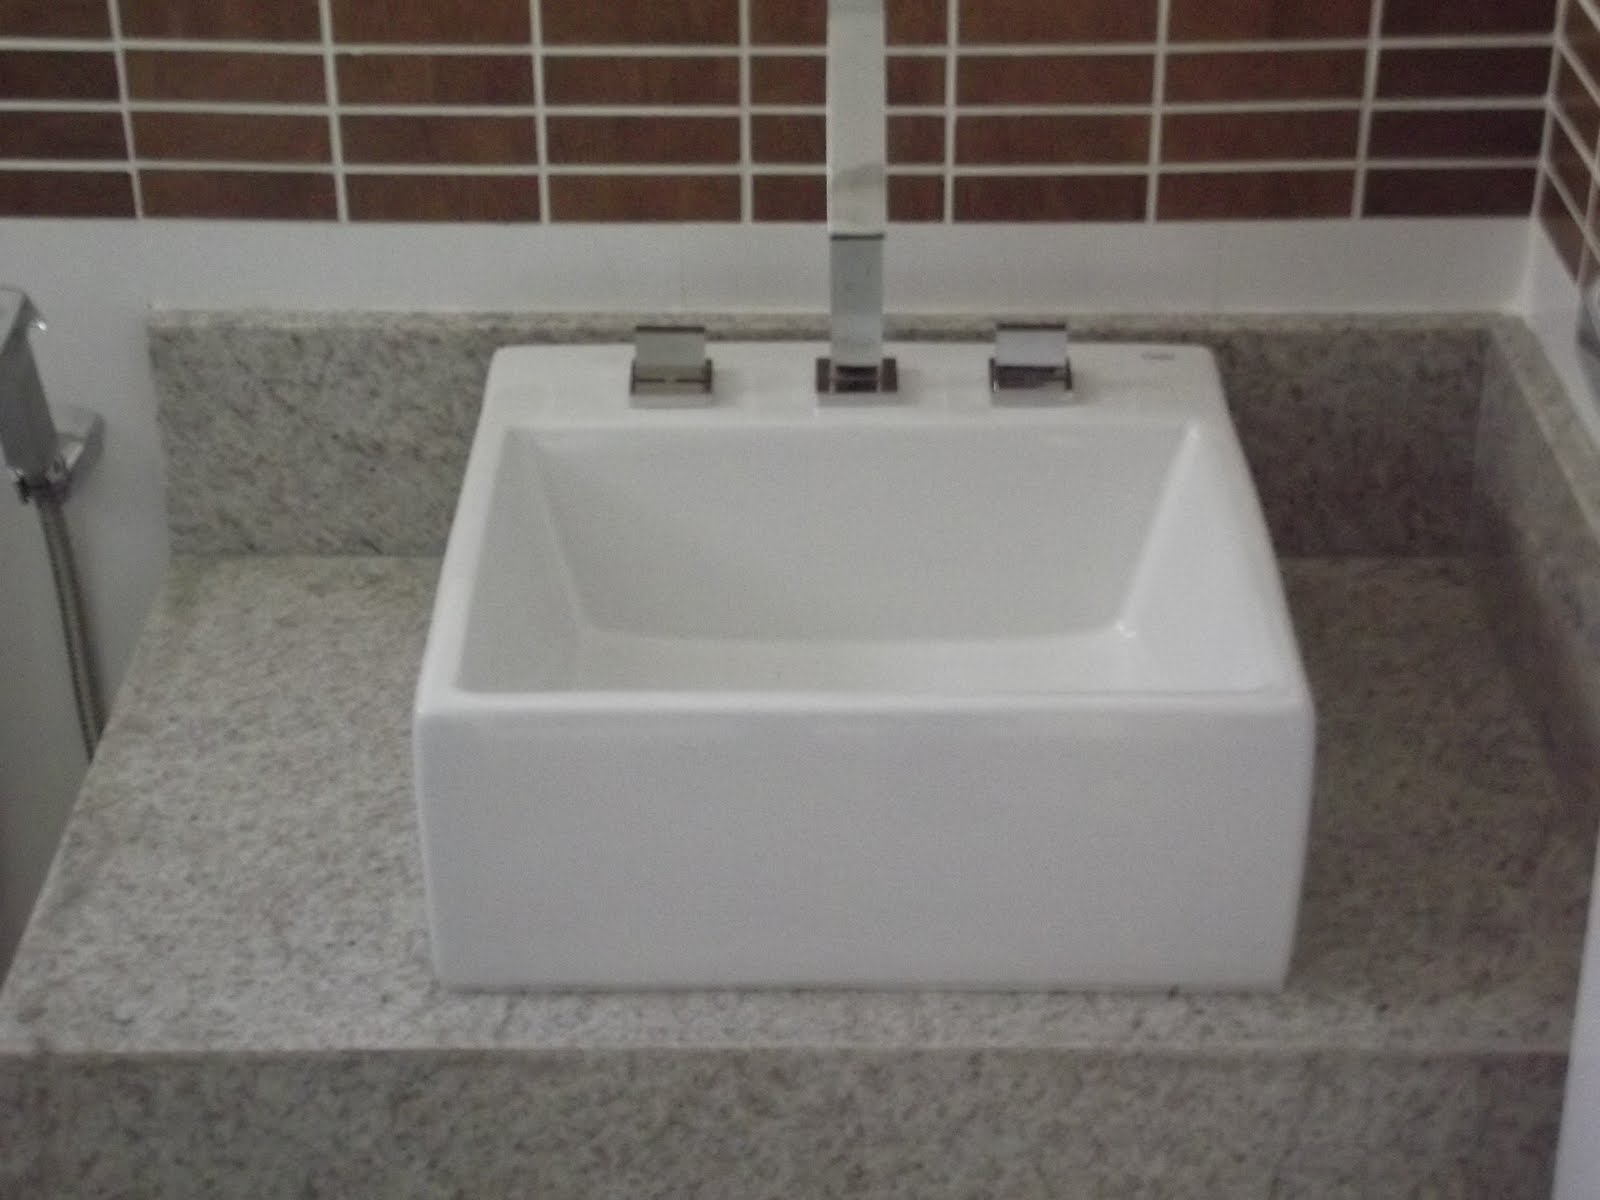 Nicho de Banheiro em Granito Cacau Show #453732 1600 1200